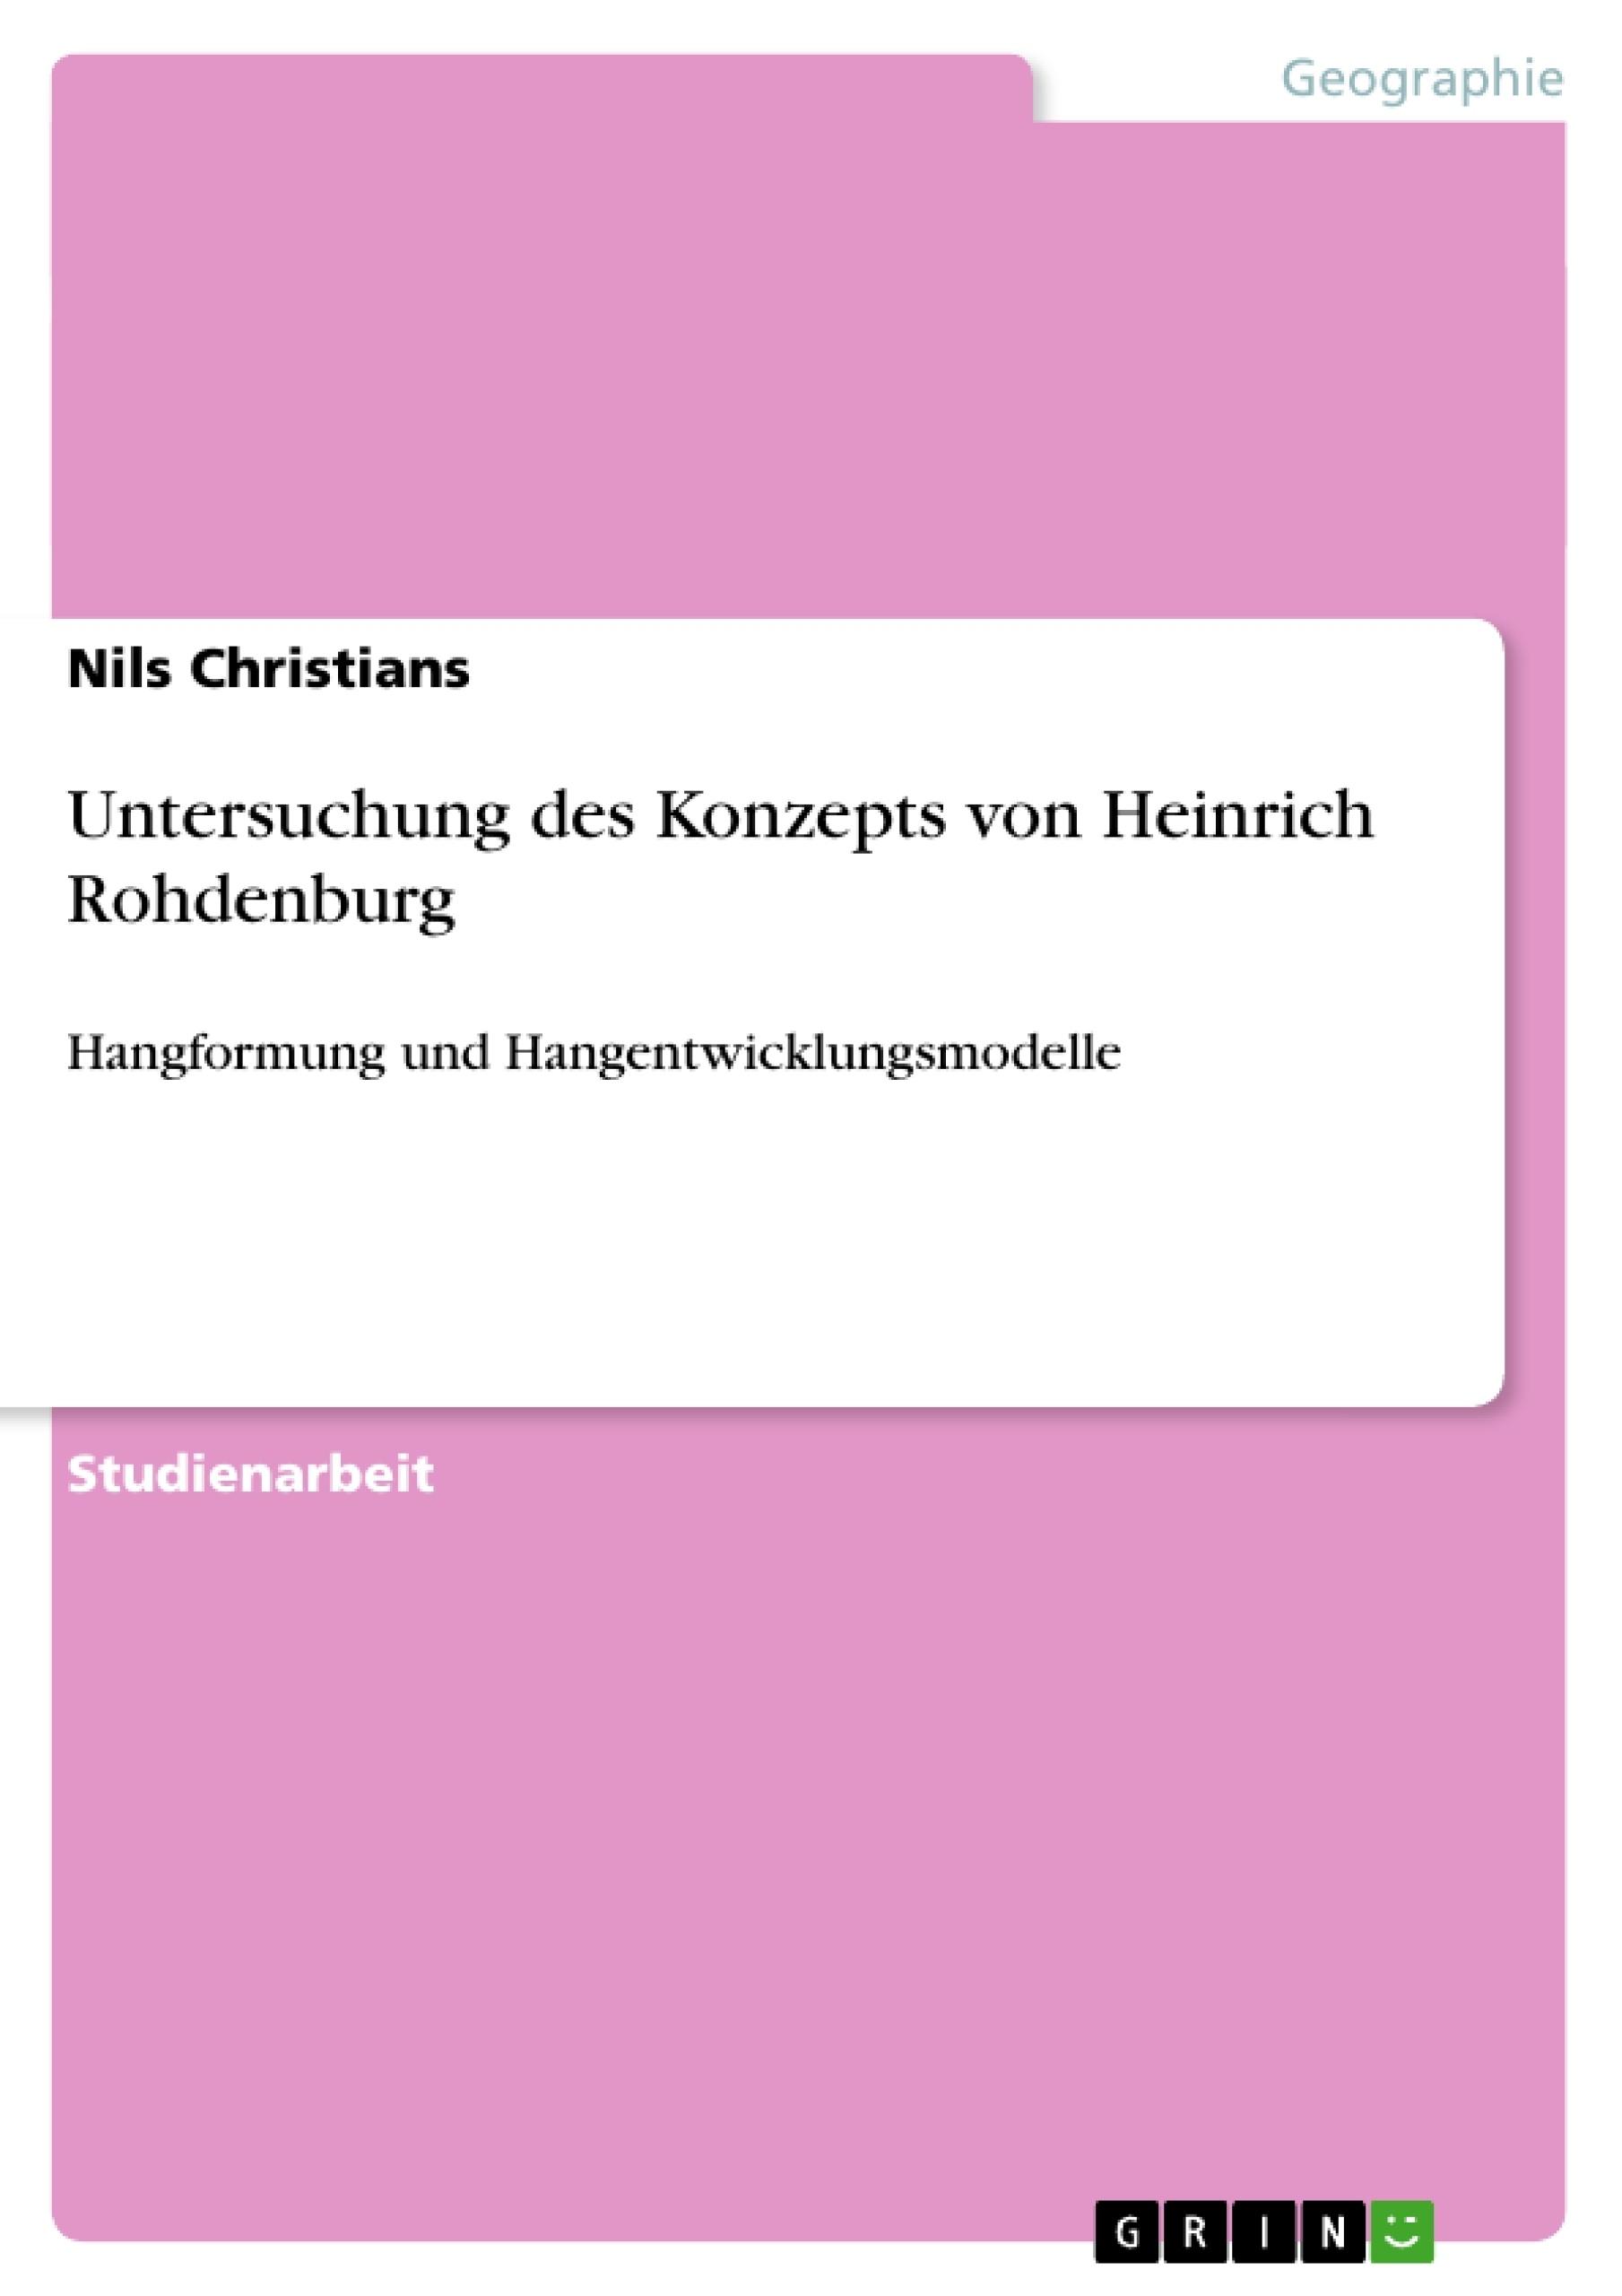 Titel: Untersuchung des Konzepts von Heinrich Rohdenburg